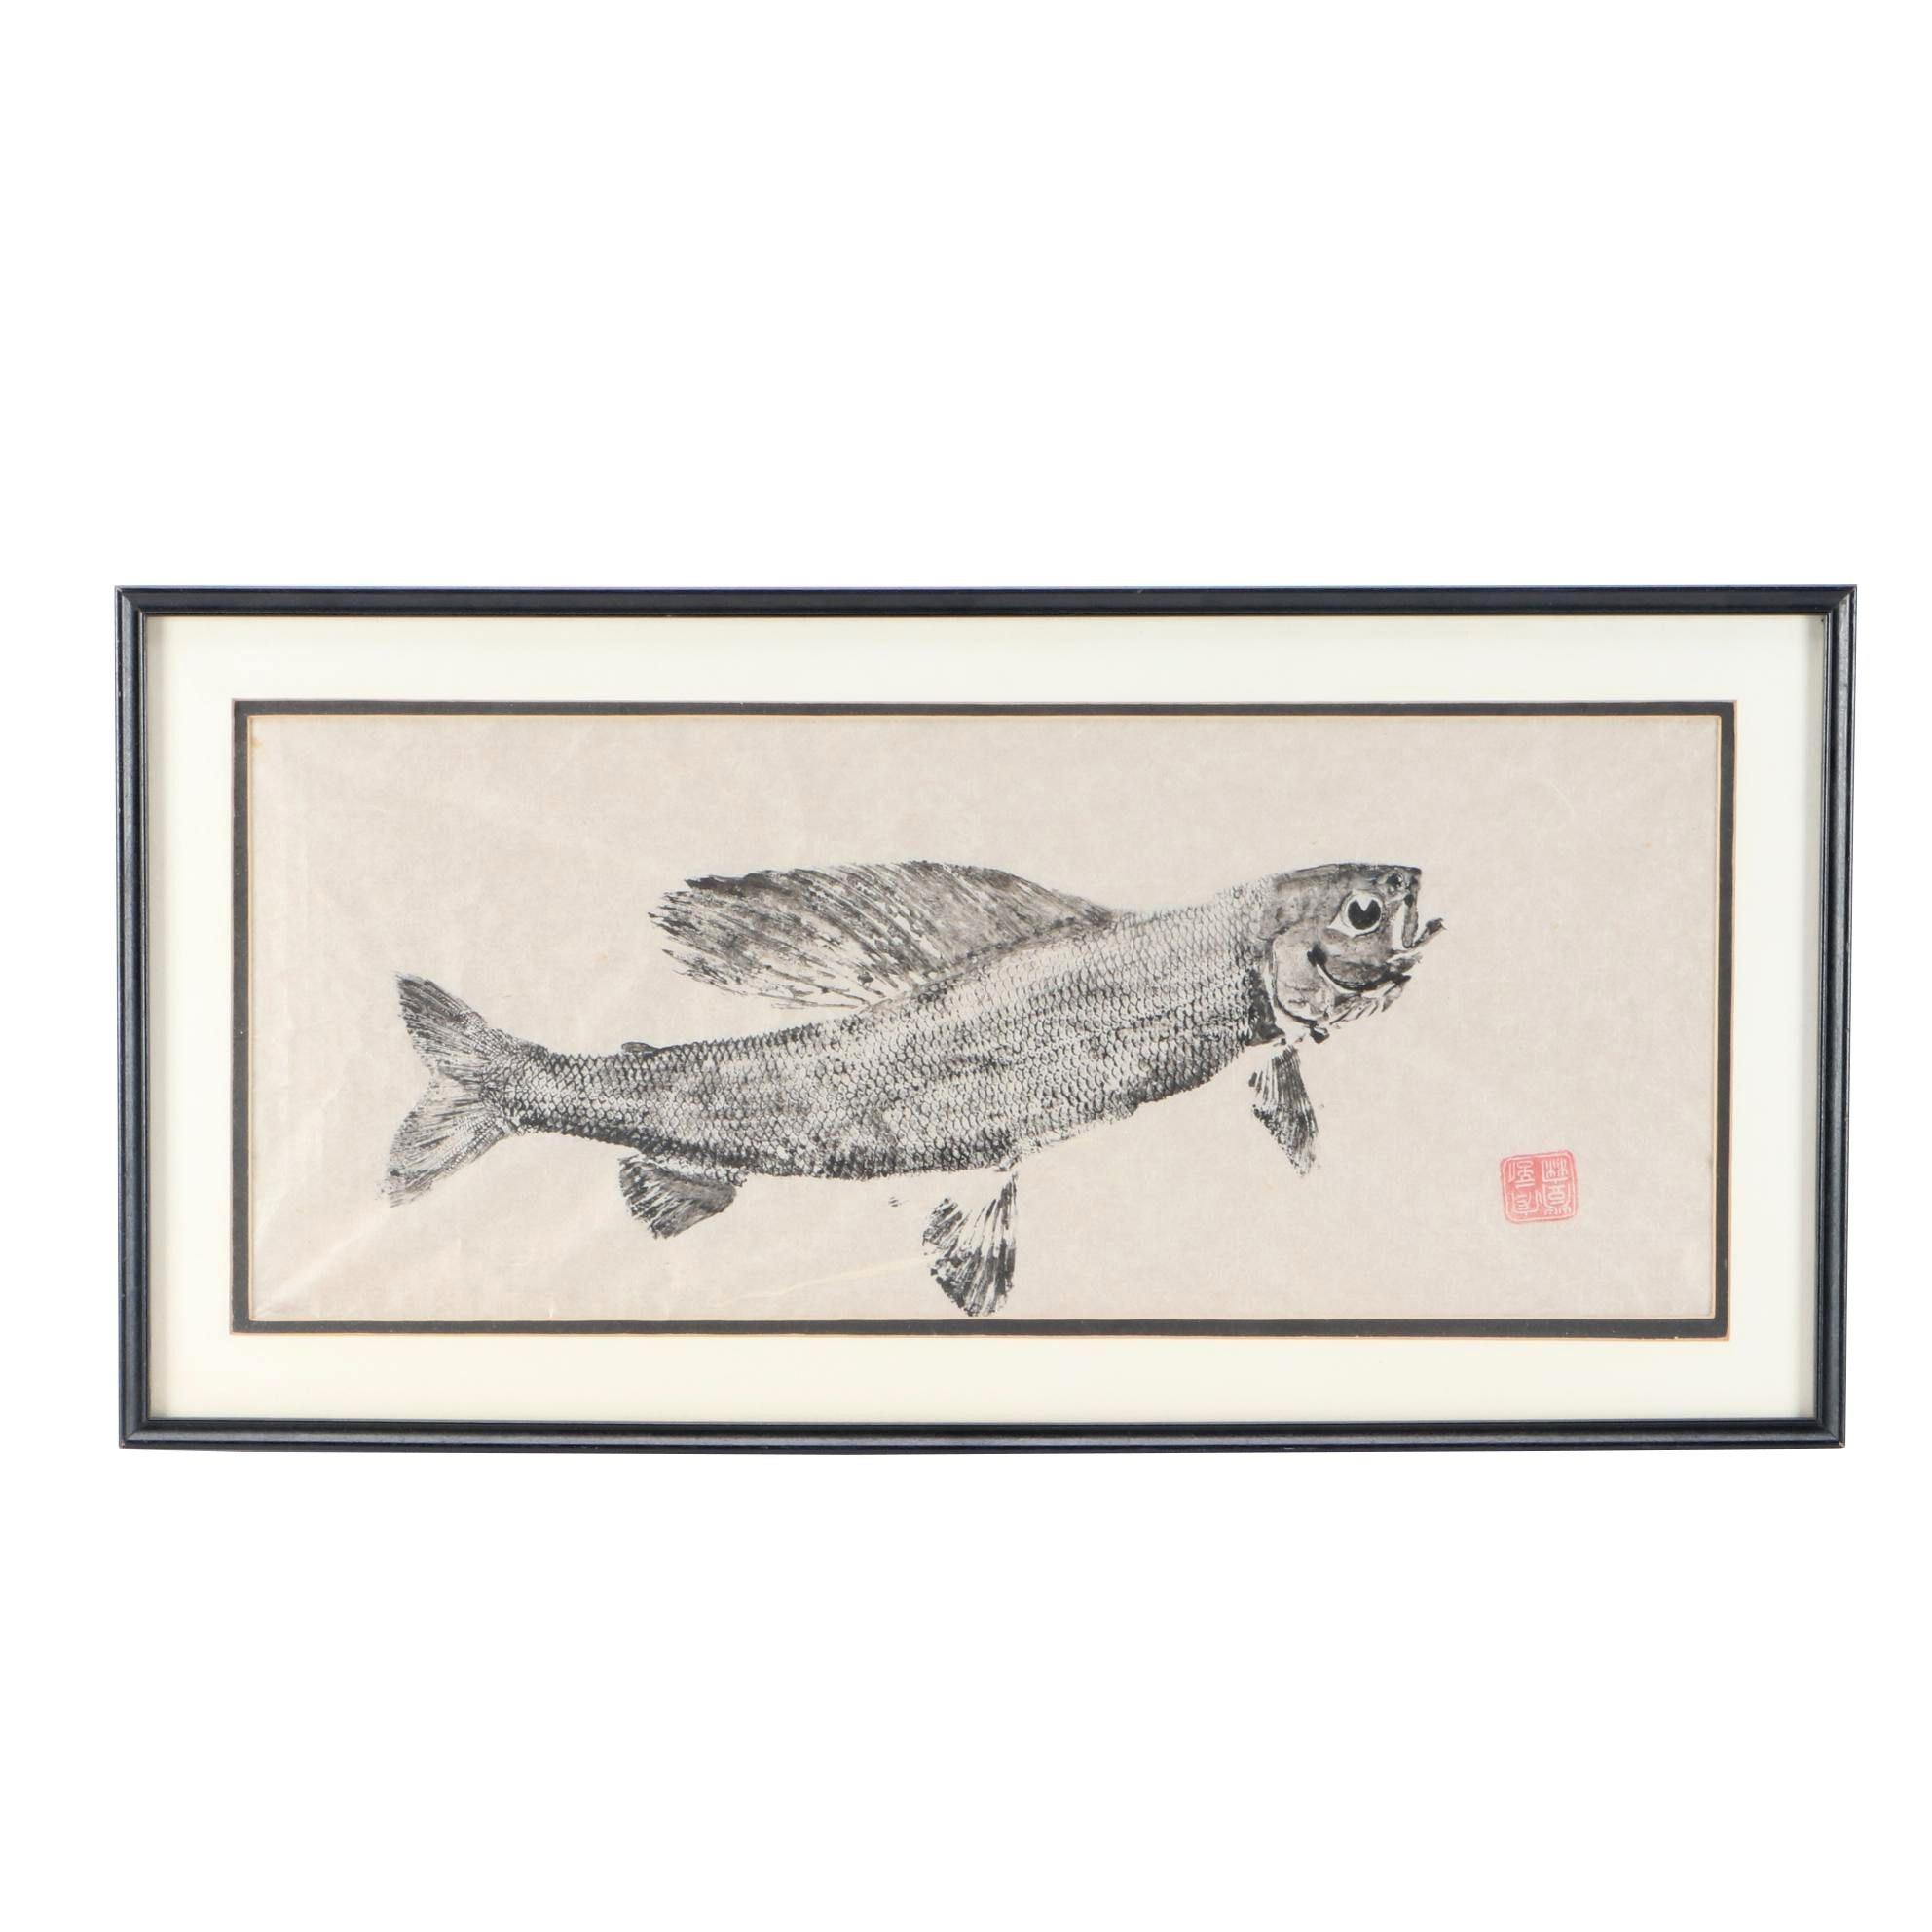 Japanese Gyotaku Fish Print